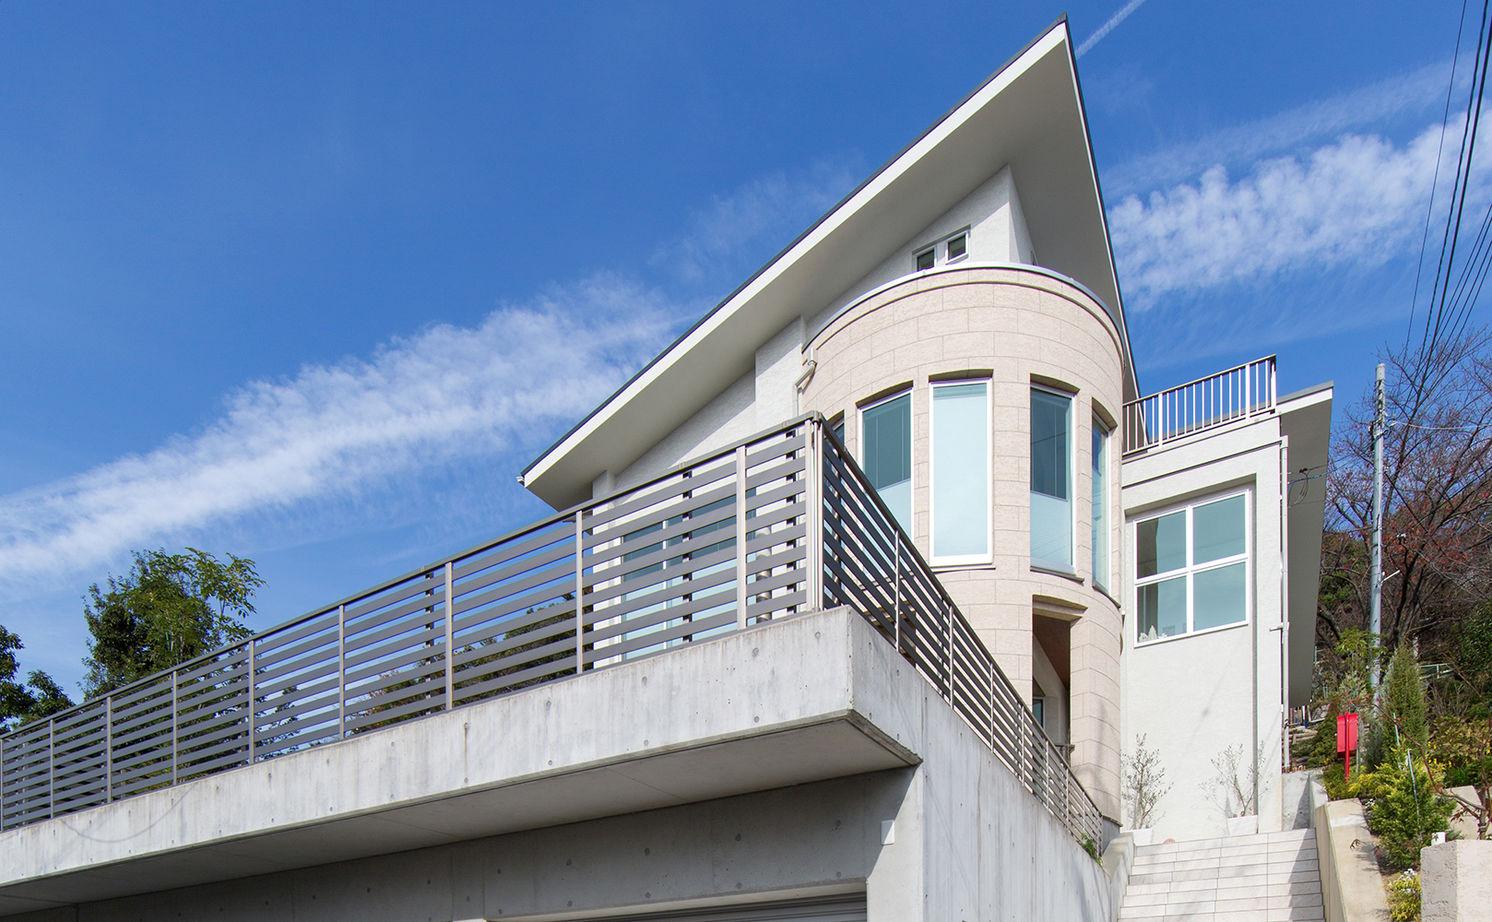 【4000万円~】高台を愉しむ家。アール設計の眺望リビング、上品なインテリア…繊細に想いを形に画像2